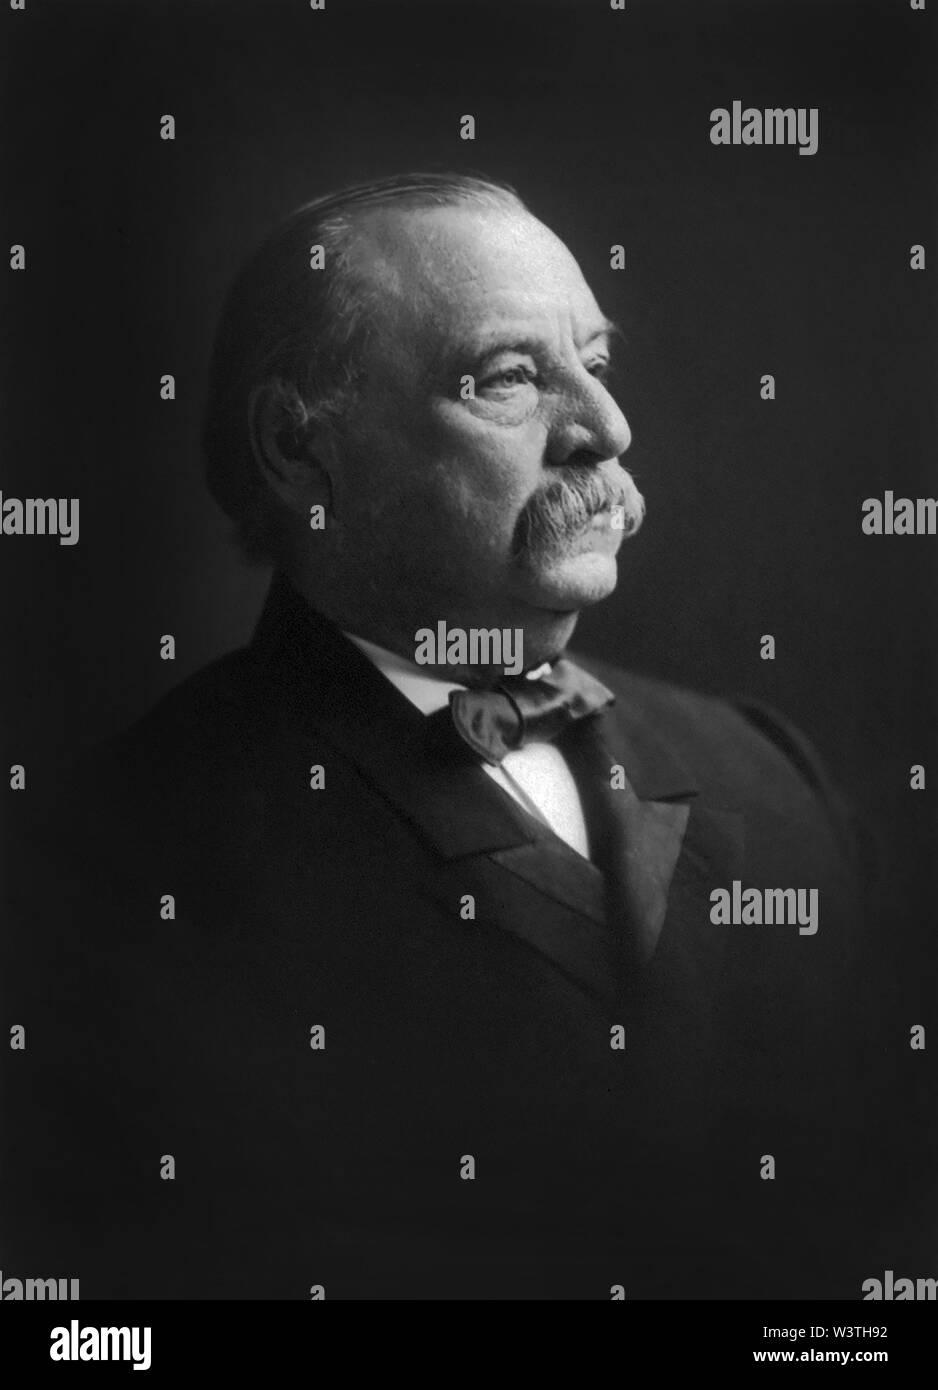 Grover Cleveland (1837-1908), 22º y 24º Presidente de los Estados Unidos 1885-89 y 1893-97, la cabeza y los hombros retrato, Fotografía de F. Gutekunst, 1903 Imagen De Stock